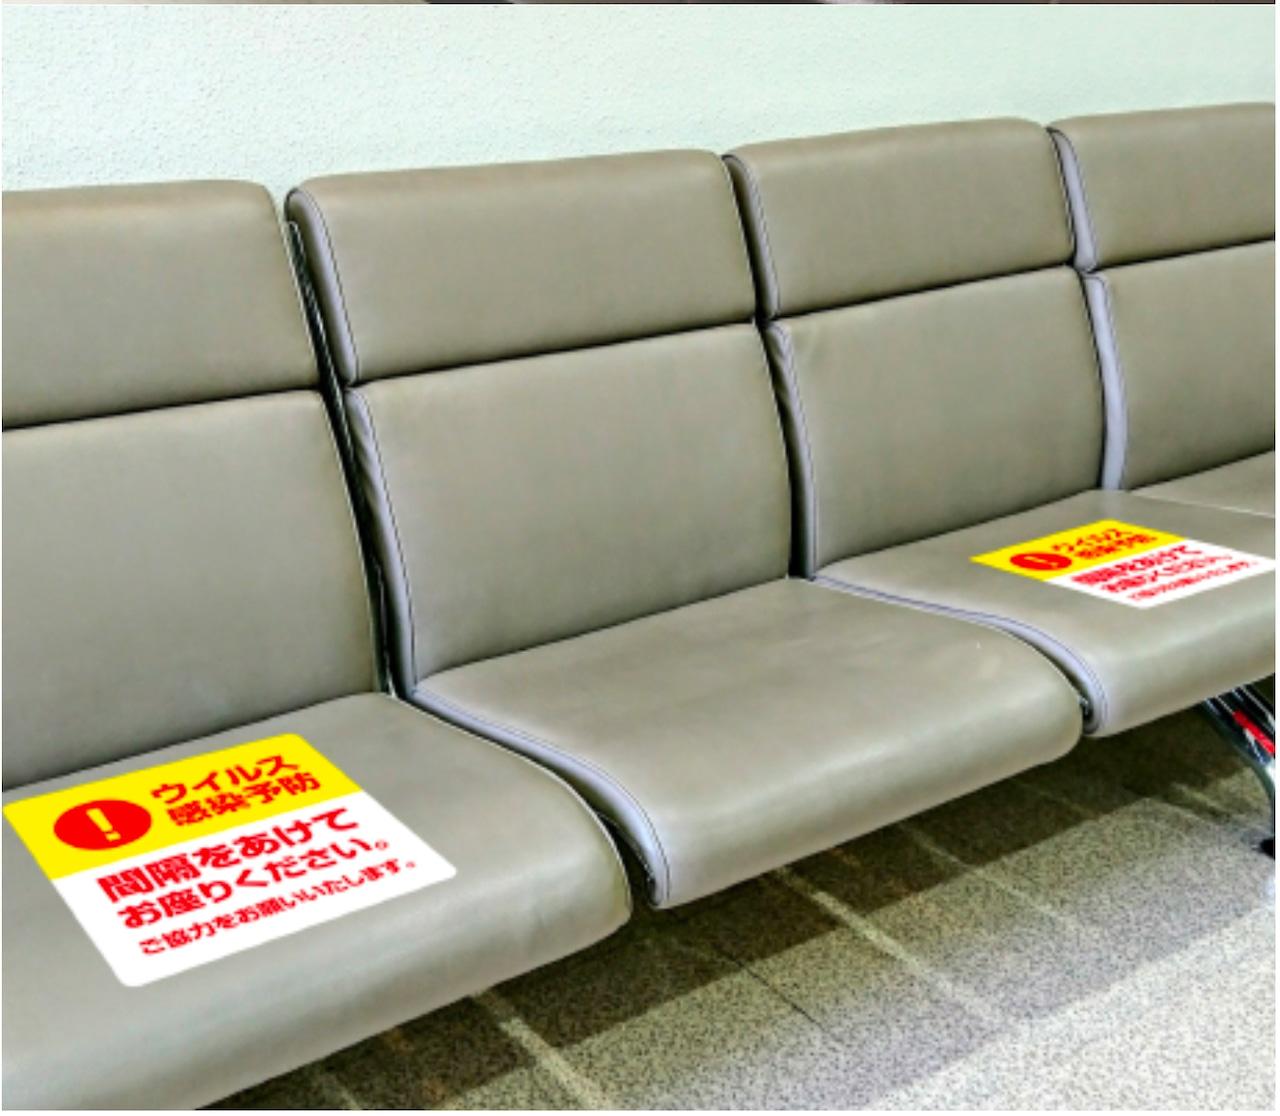 感染予防ベンチ用シール デザイン②(5枚入り)